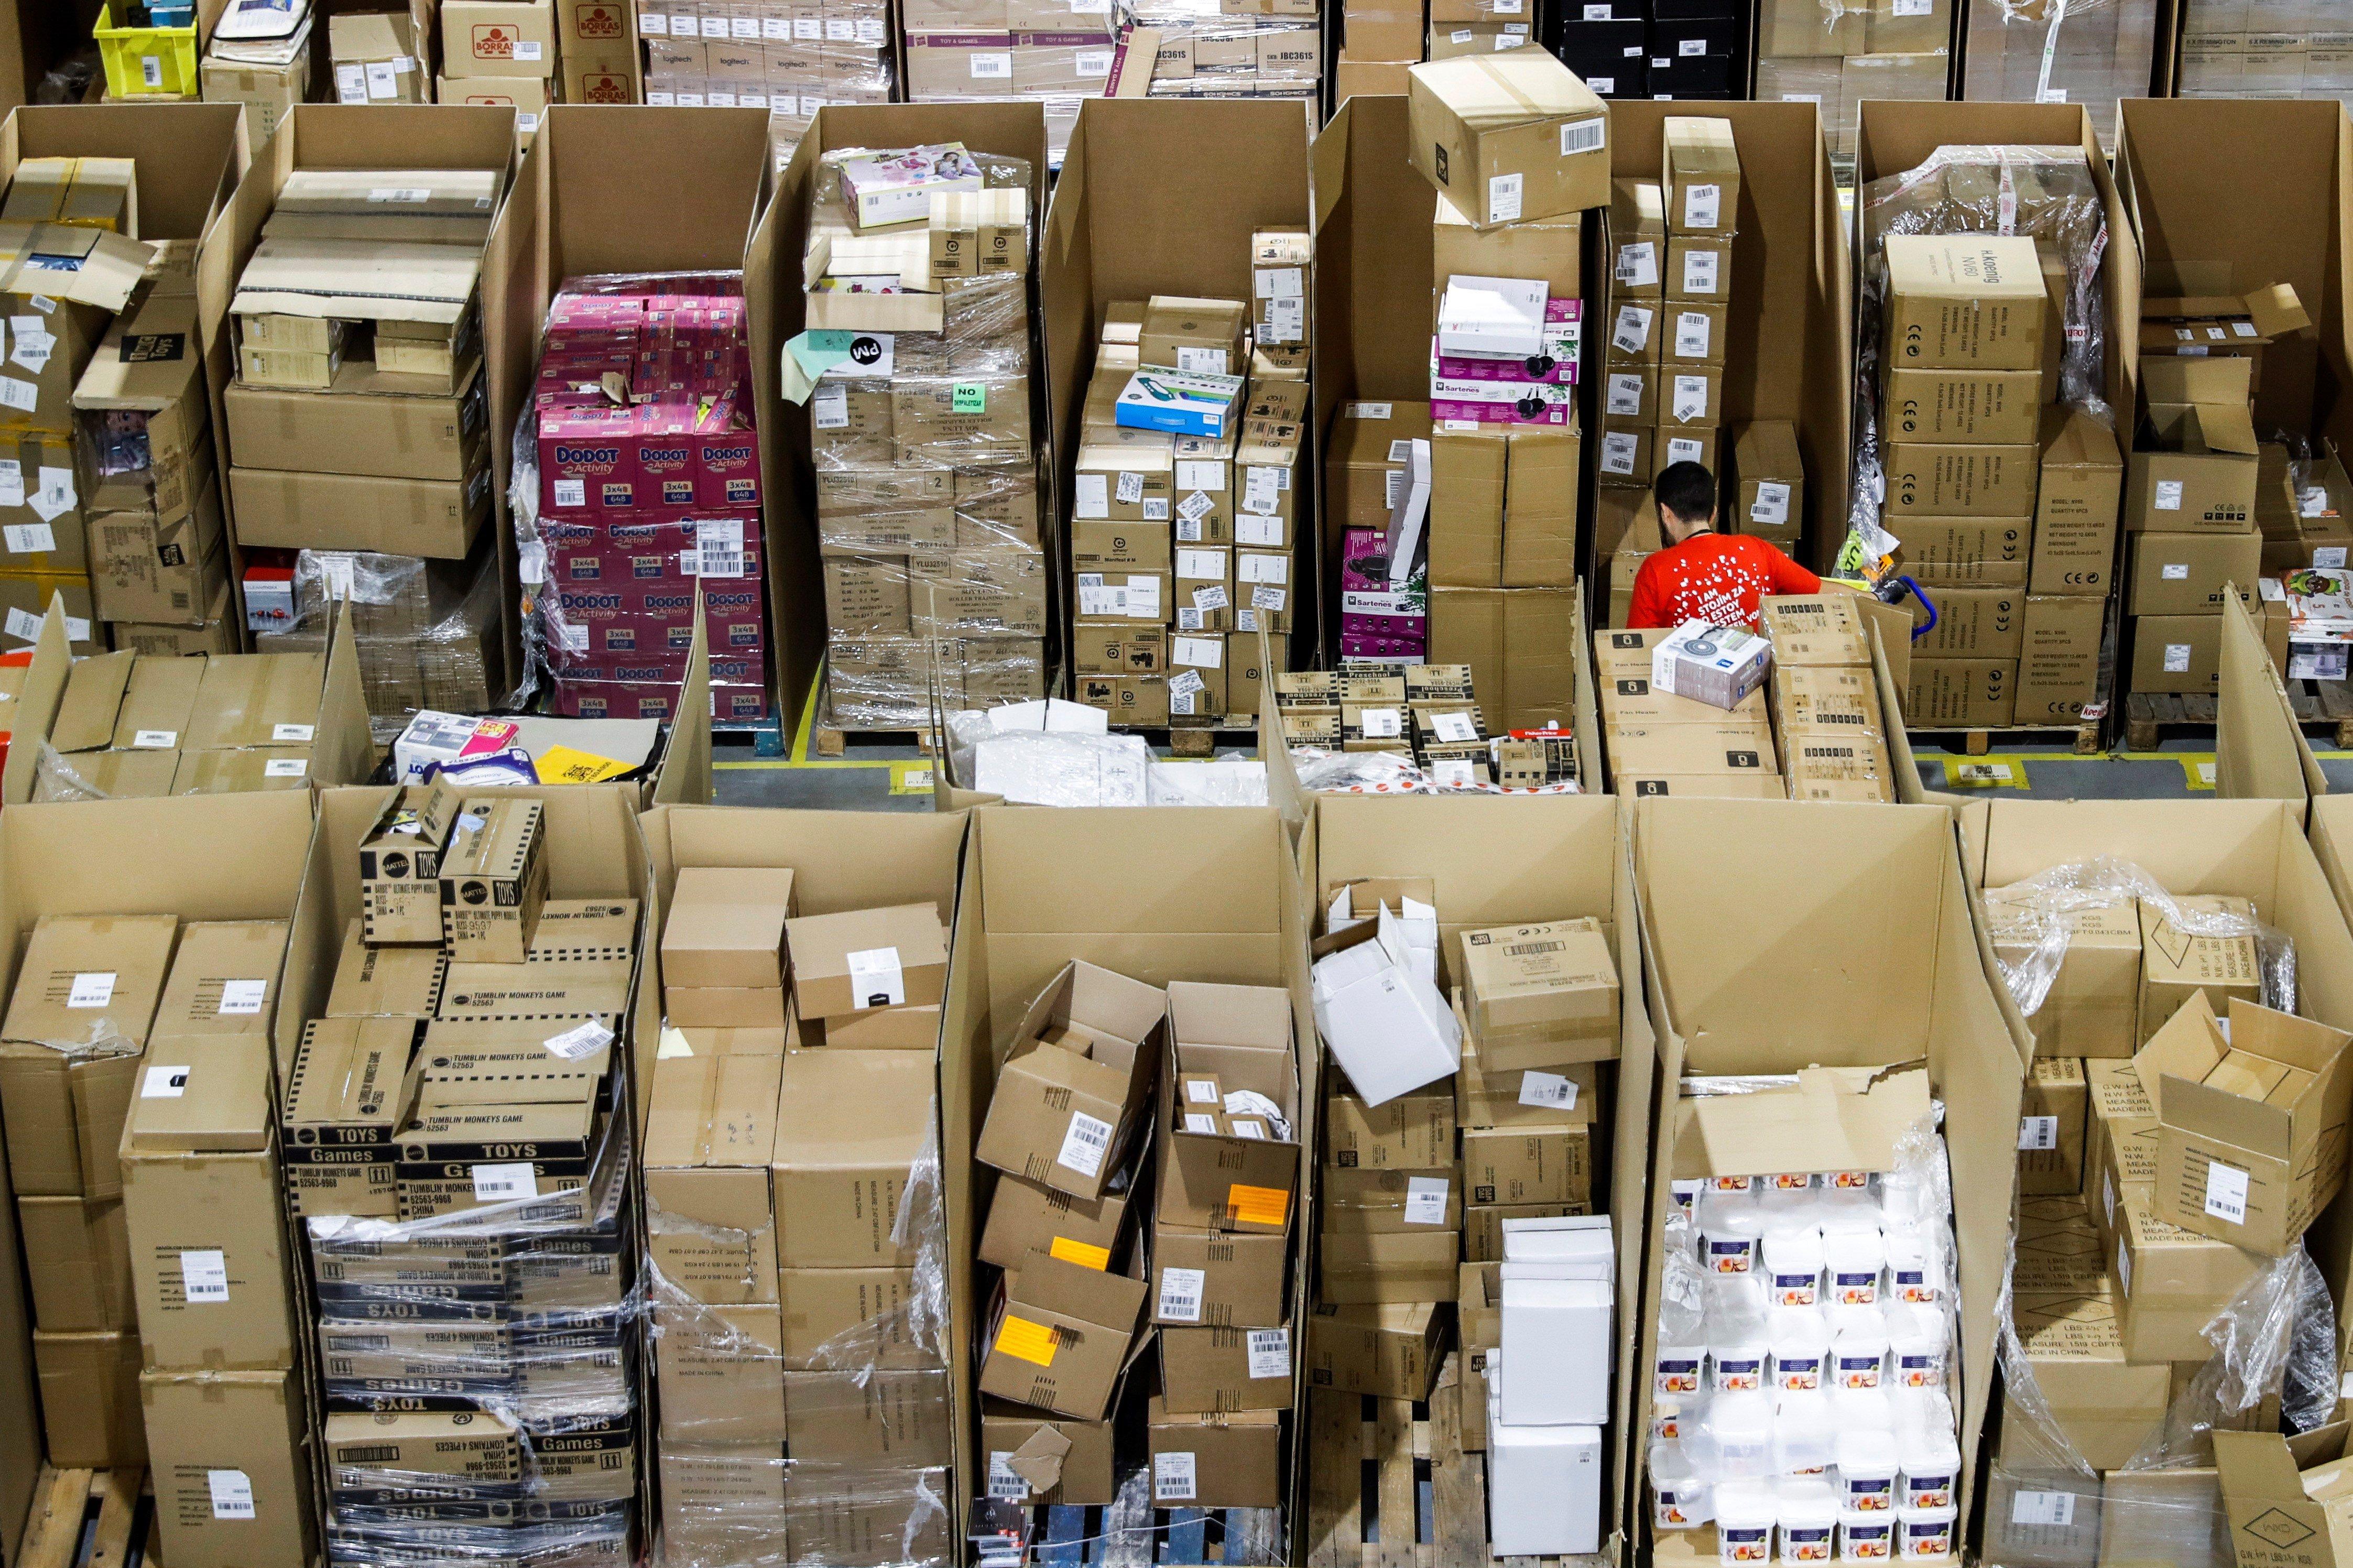 Un operari treballa a la nau de distribució d'Amazon. Amb motiu del 'Black Friday', el gegant del comerç electrònic és una de les empreses capdavanteres en l'aposta per aquest dia. /EMILIO TARONGER